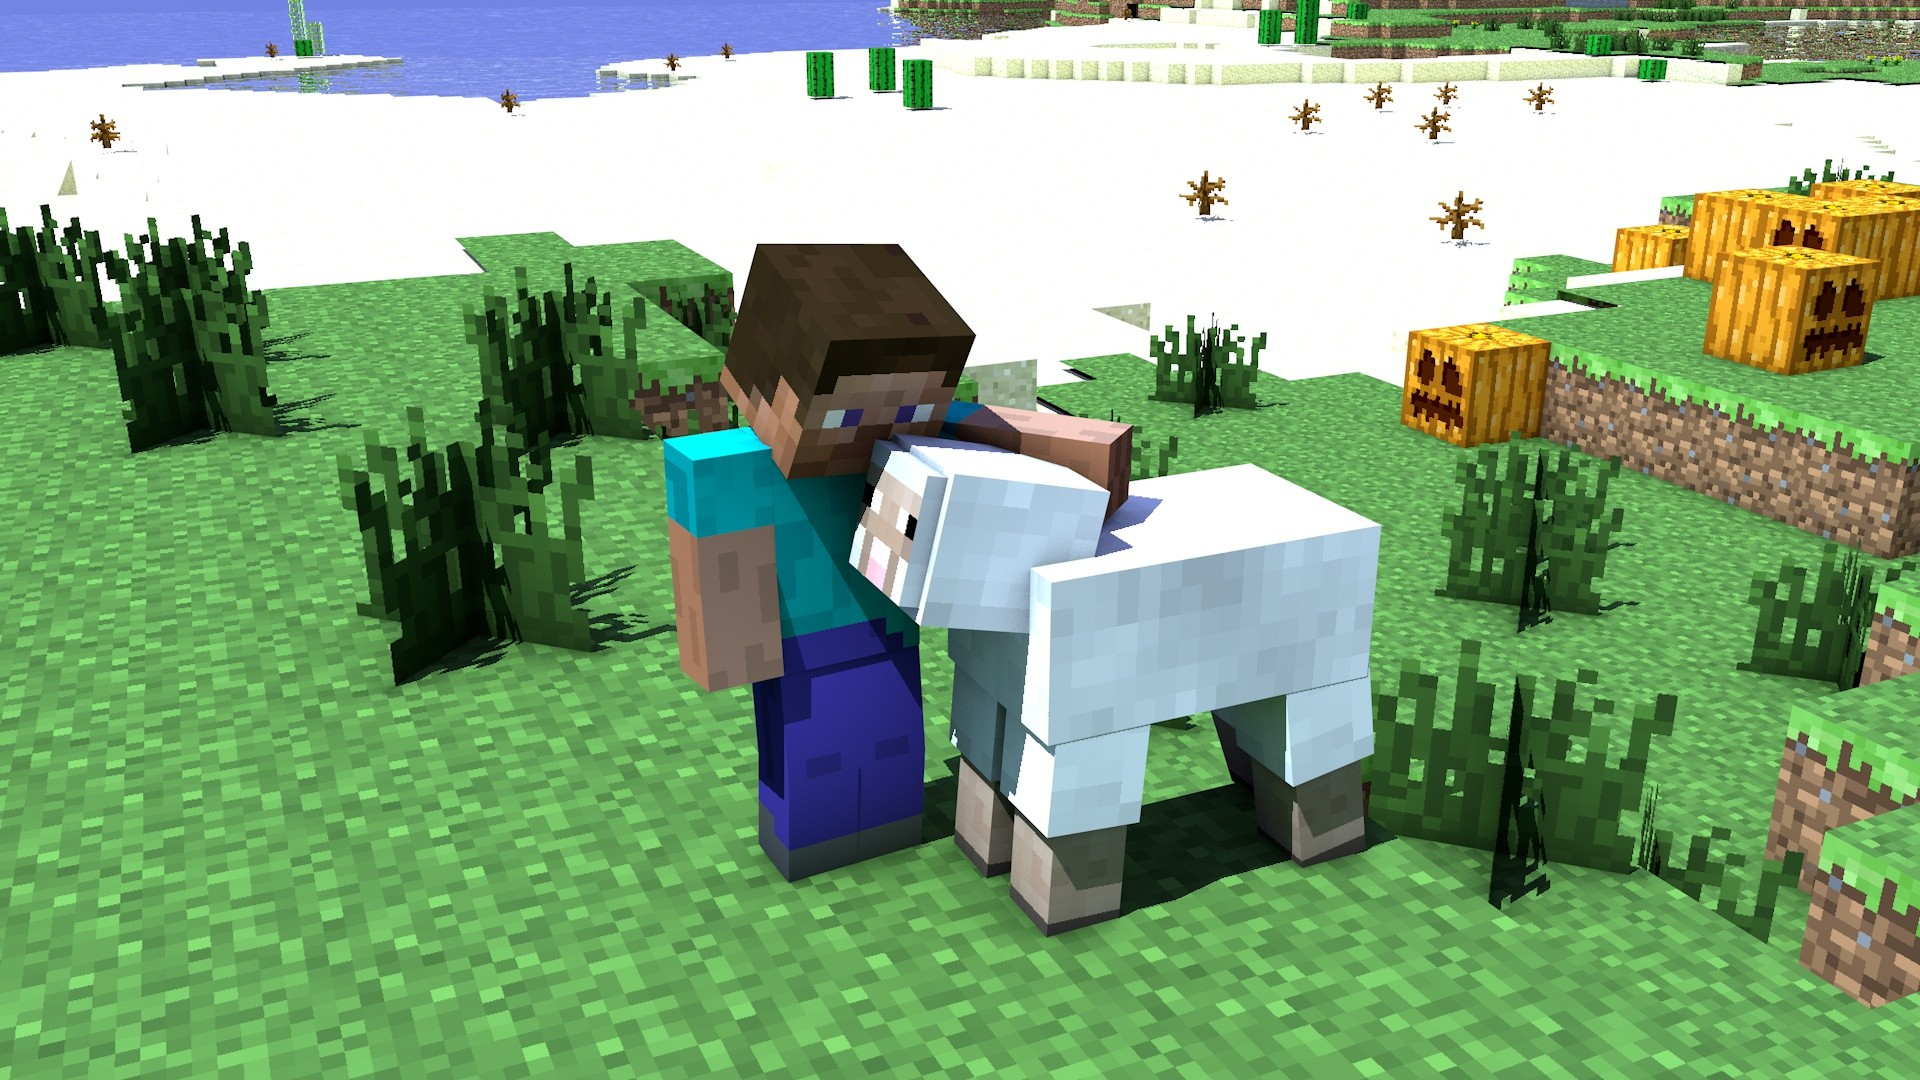 ... mouton [ Fond d'écran Minecraft gratuit de Steve alias Jean-Kevin